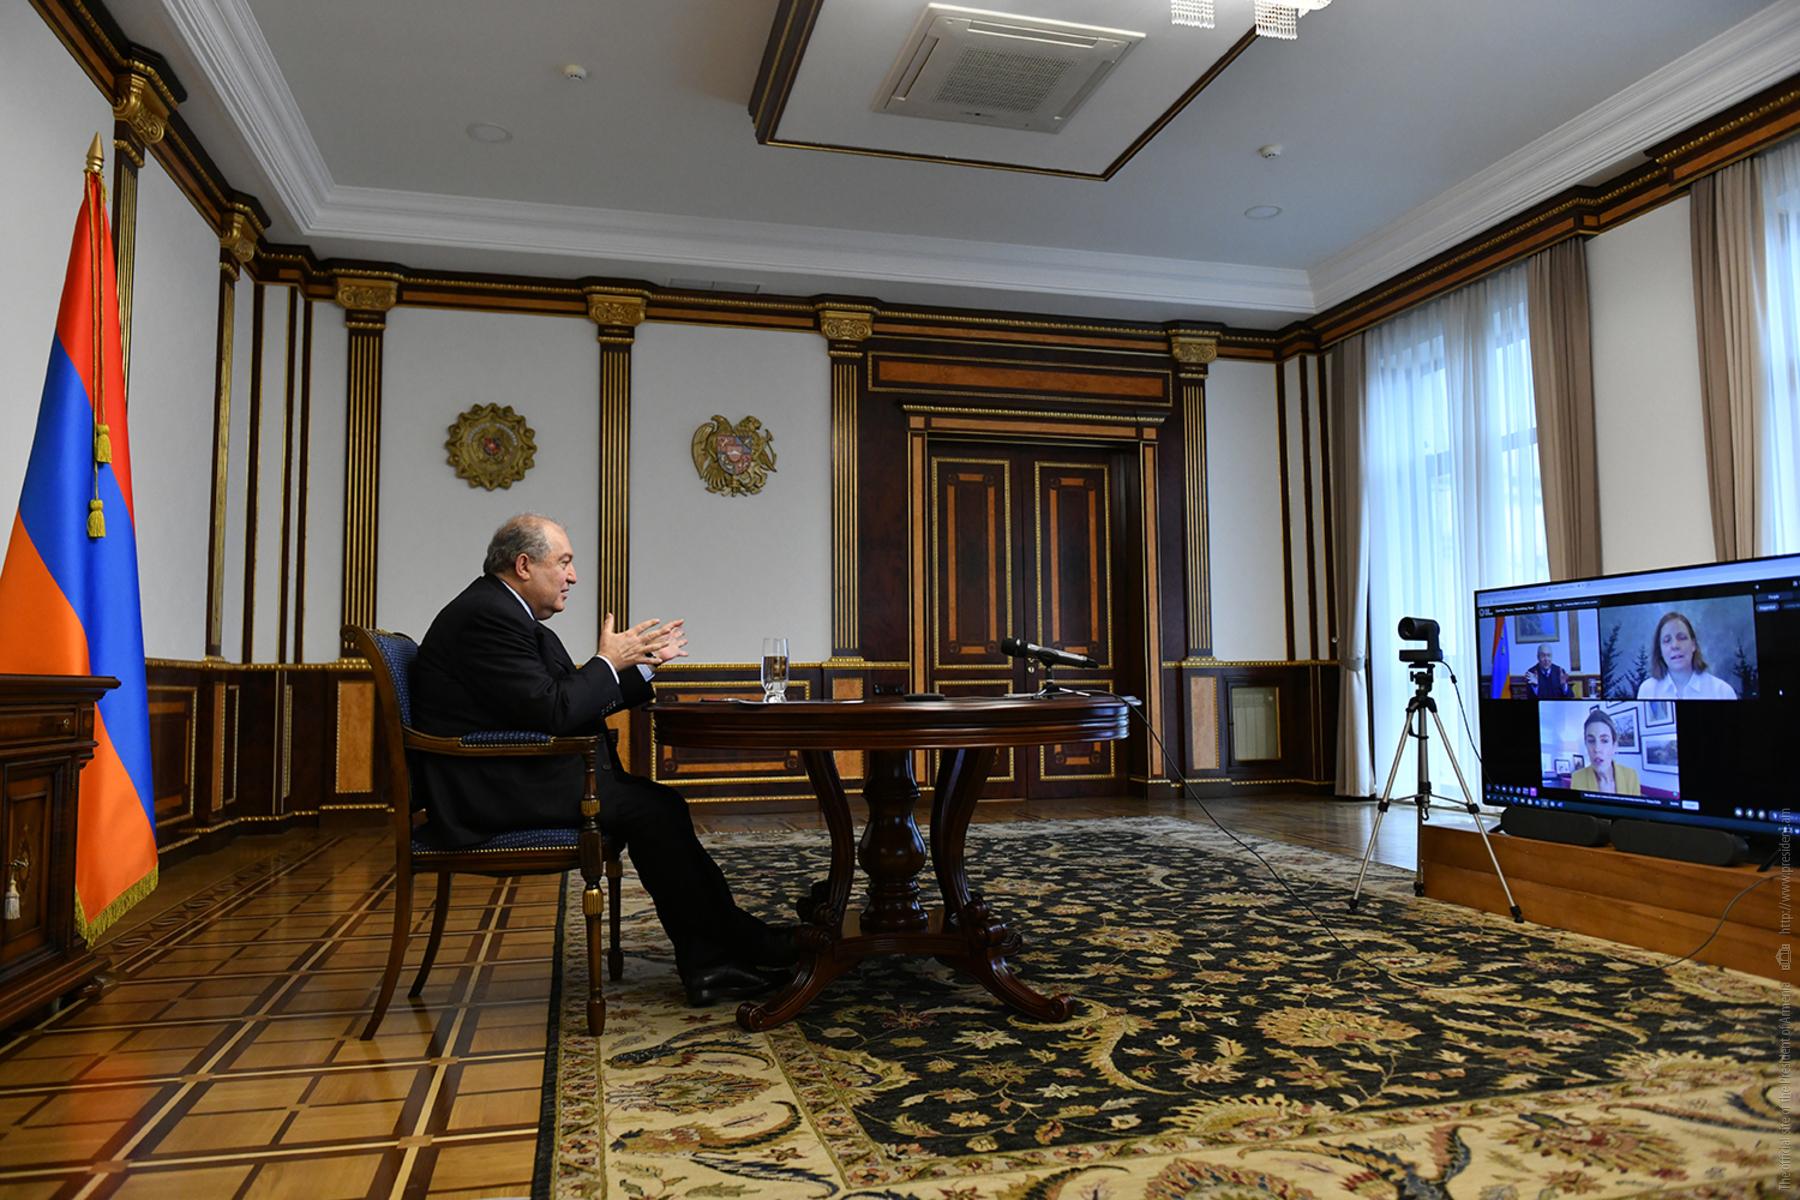 Photo of Նախագահ Արմեն Սարգսյանը ելույթ է ունեցել «Հորասիս» միջազգային հեղինակավոր կենտրոնի արտահերթ հանդիպմանը